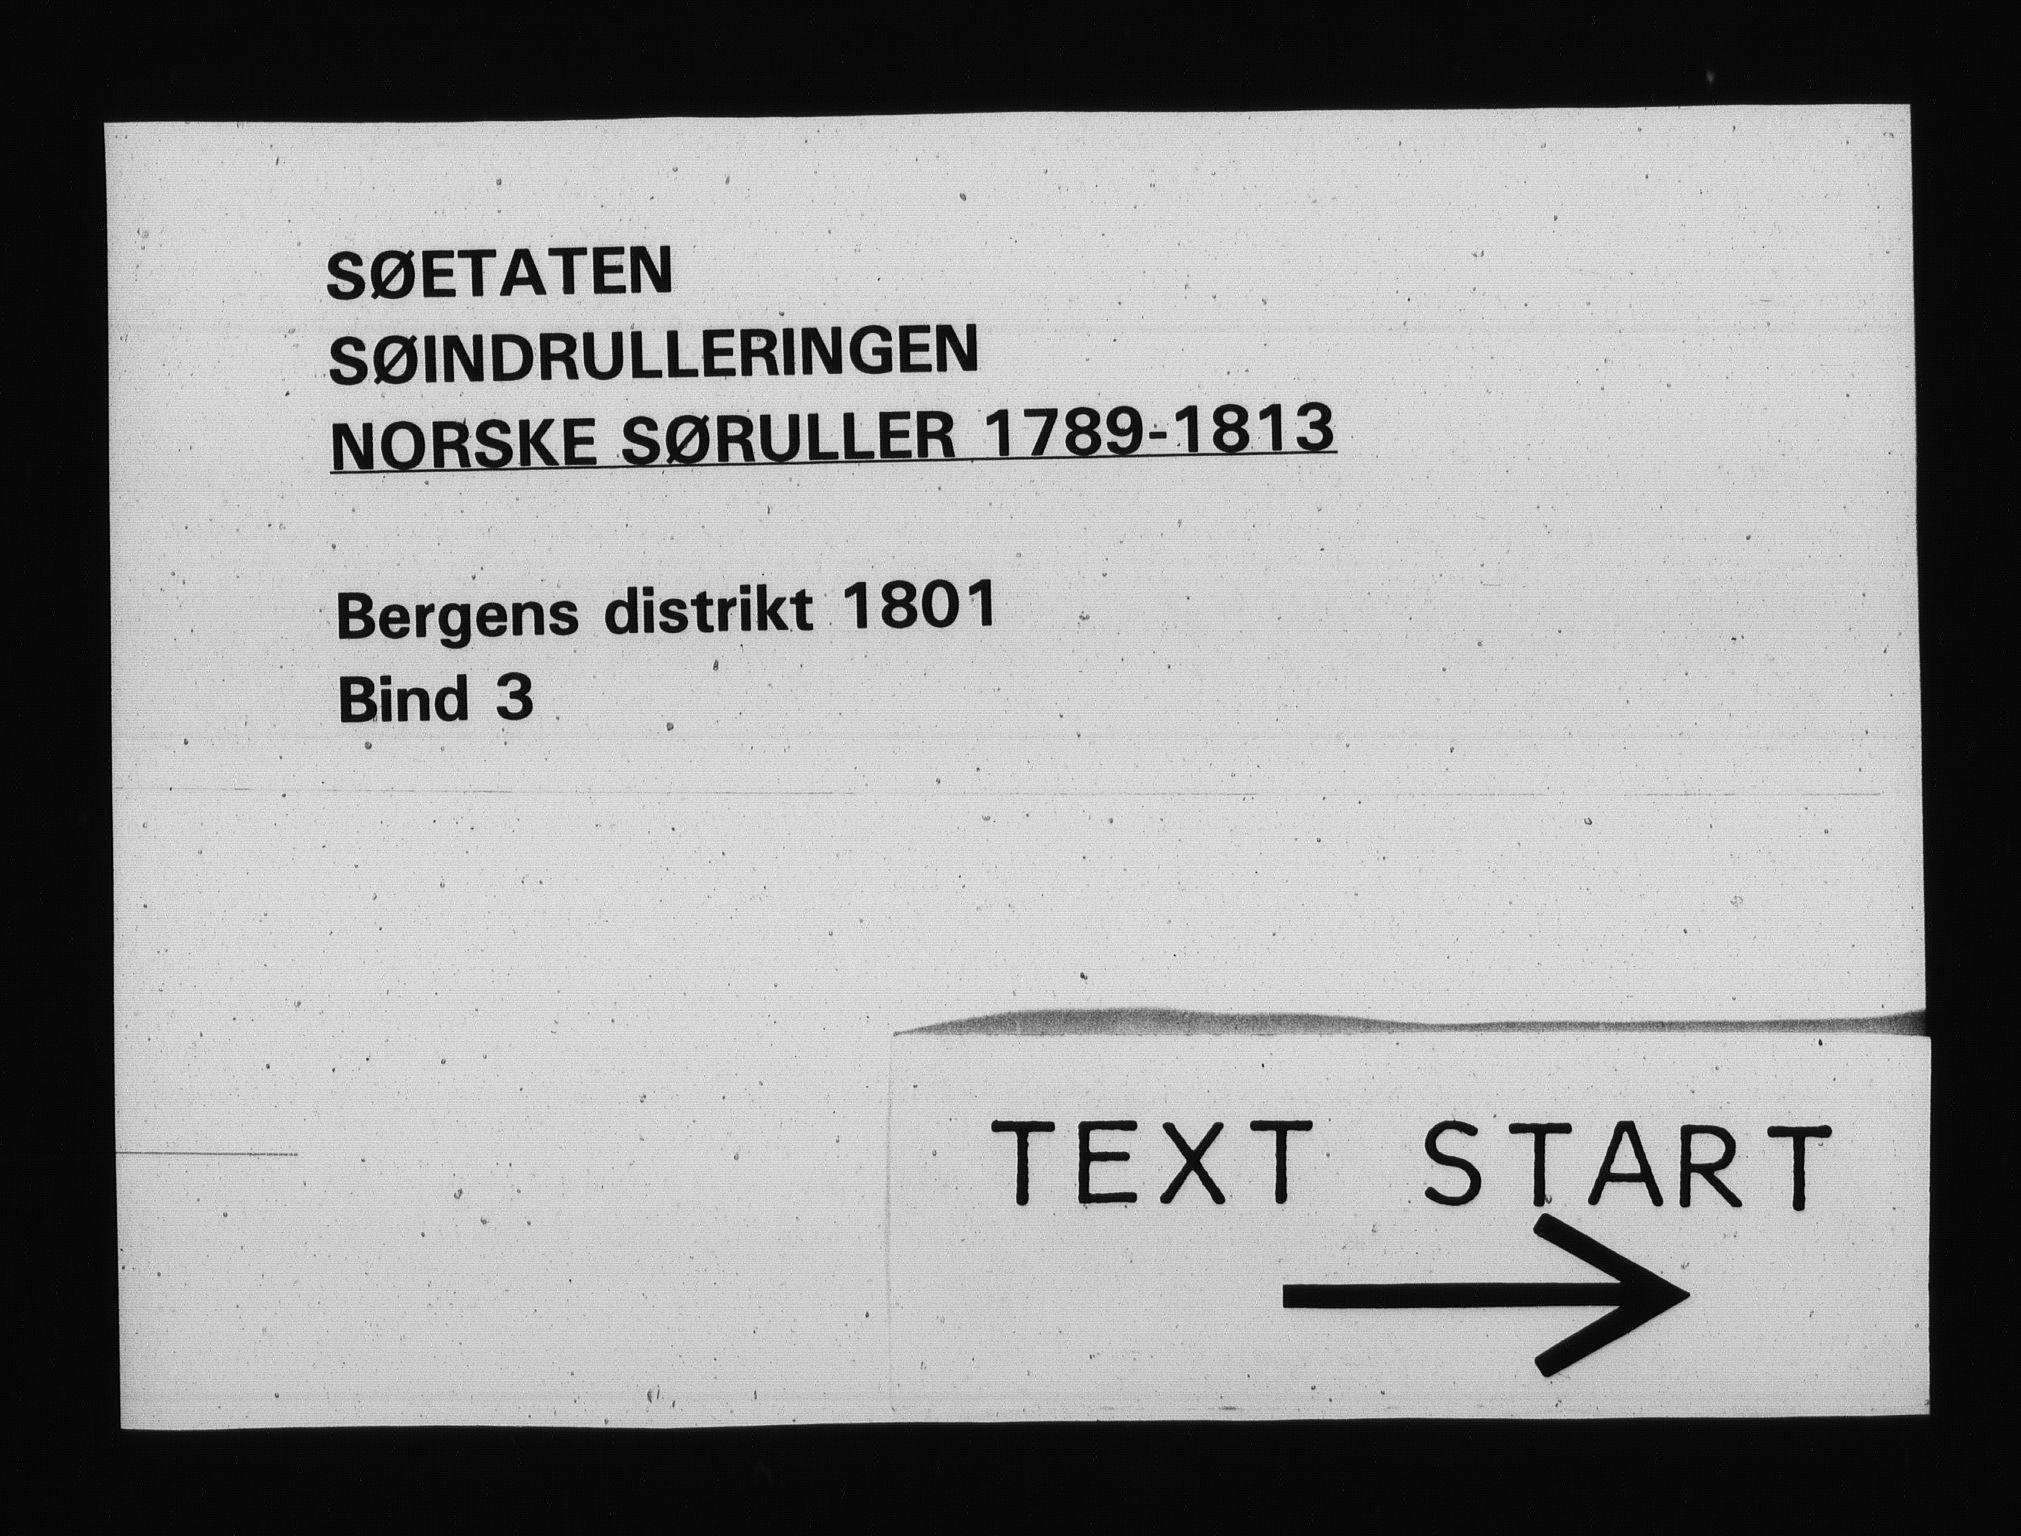 RA, Sjøetaten, F/L0235: Bergen distrikt, bind 3, 1801